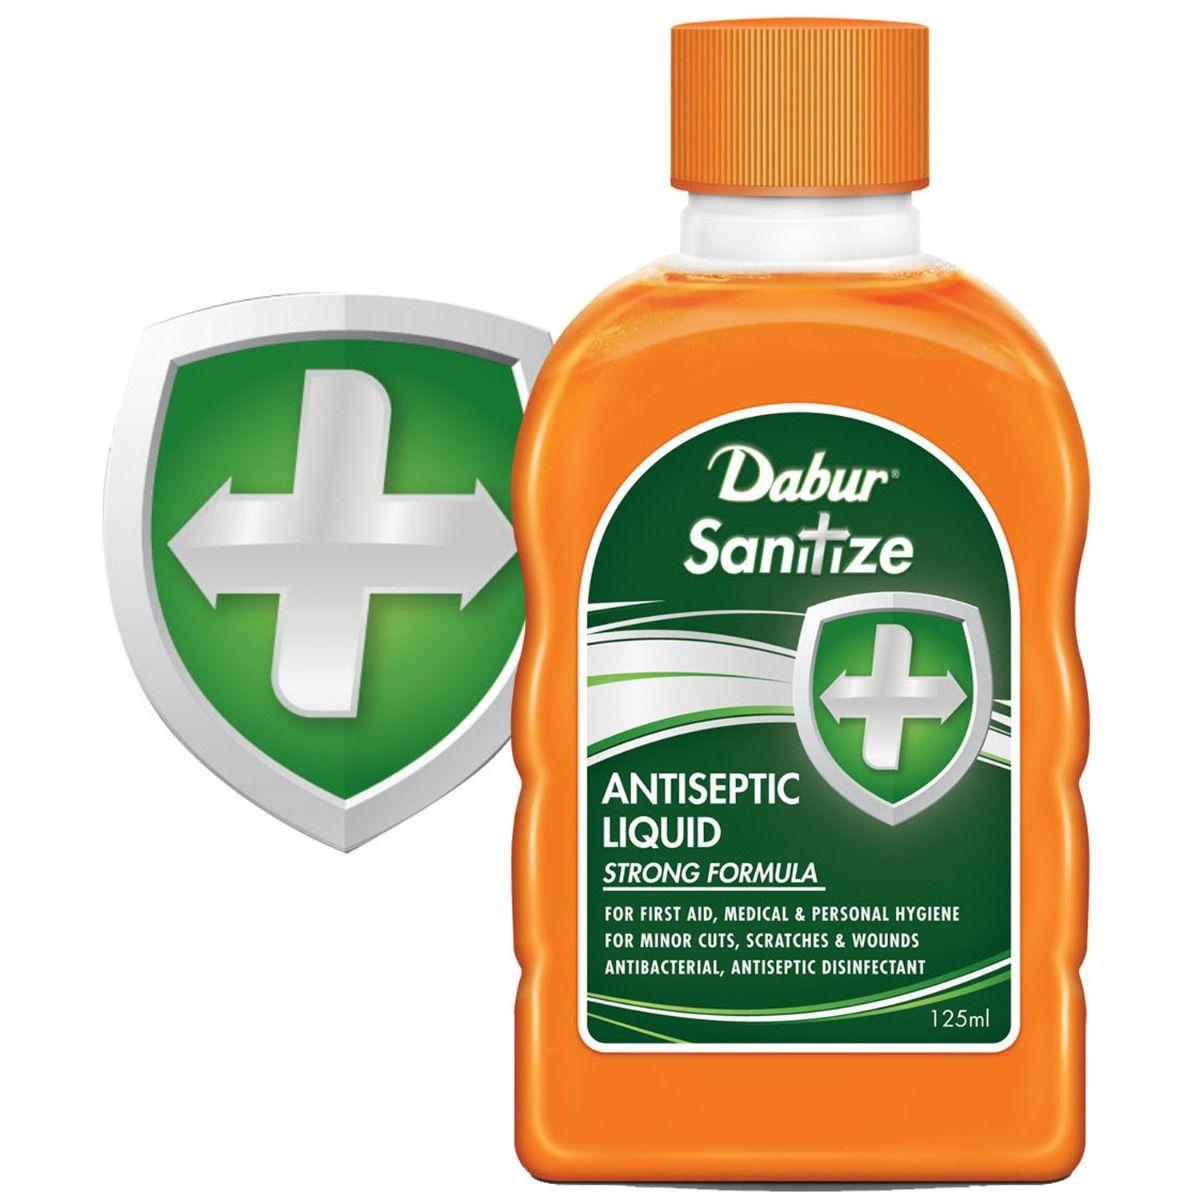 Dabur Sanitize Antiseptic Liquid, 125 ml